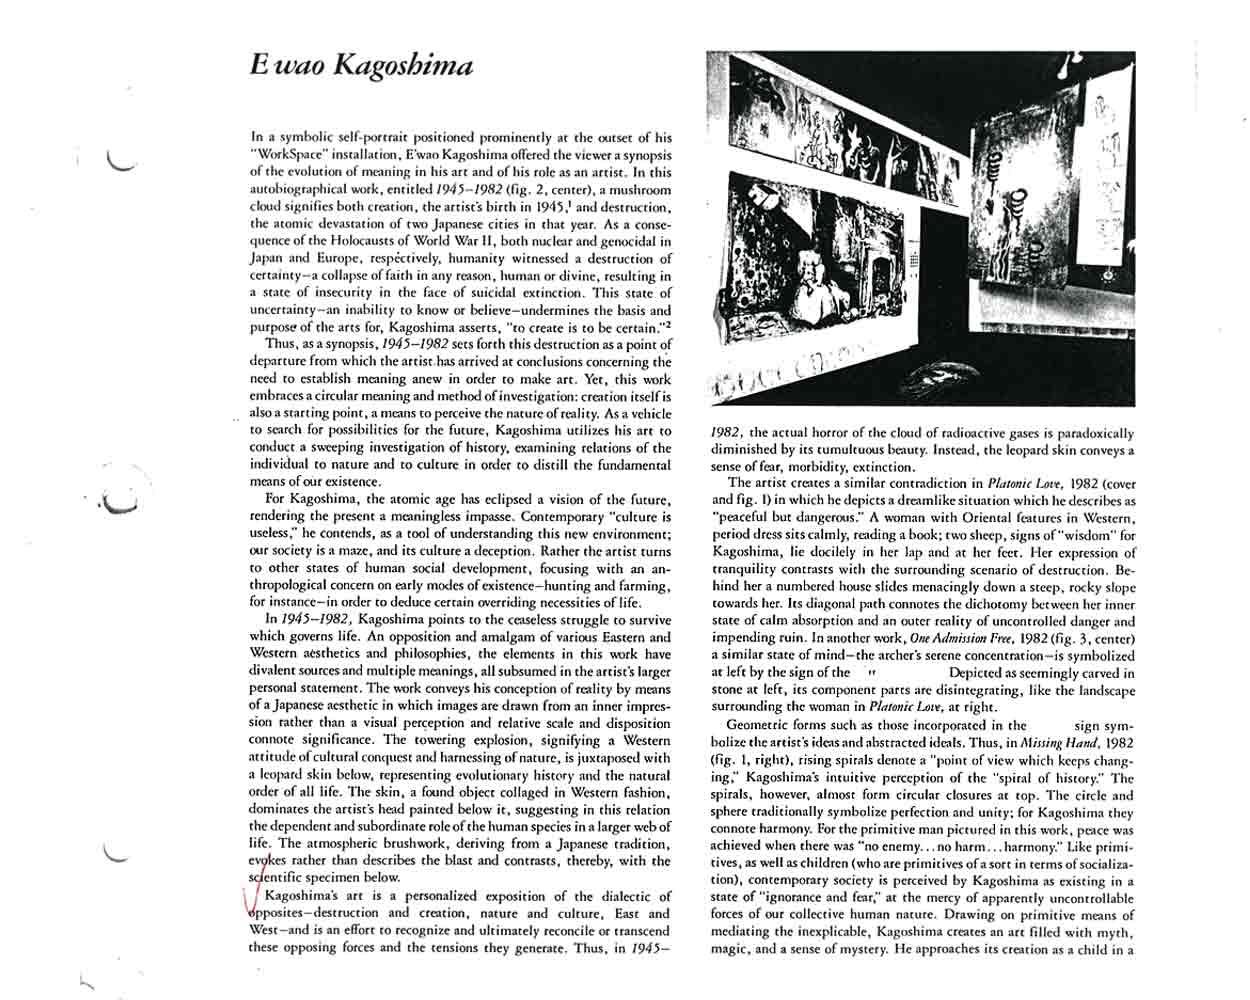 Ewao Kagoshima, essay, pg 1